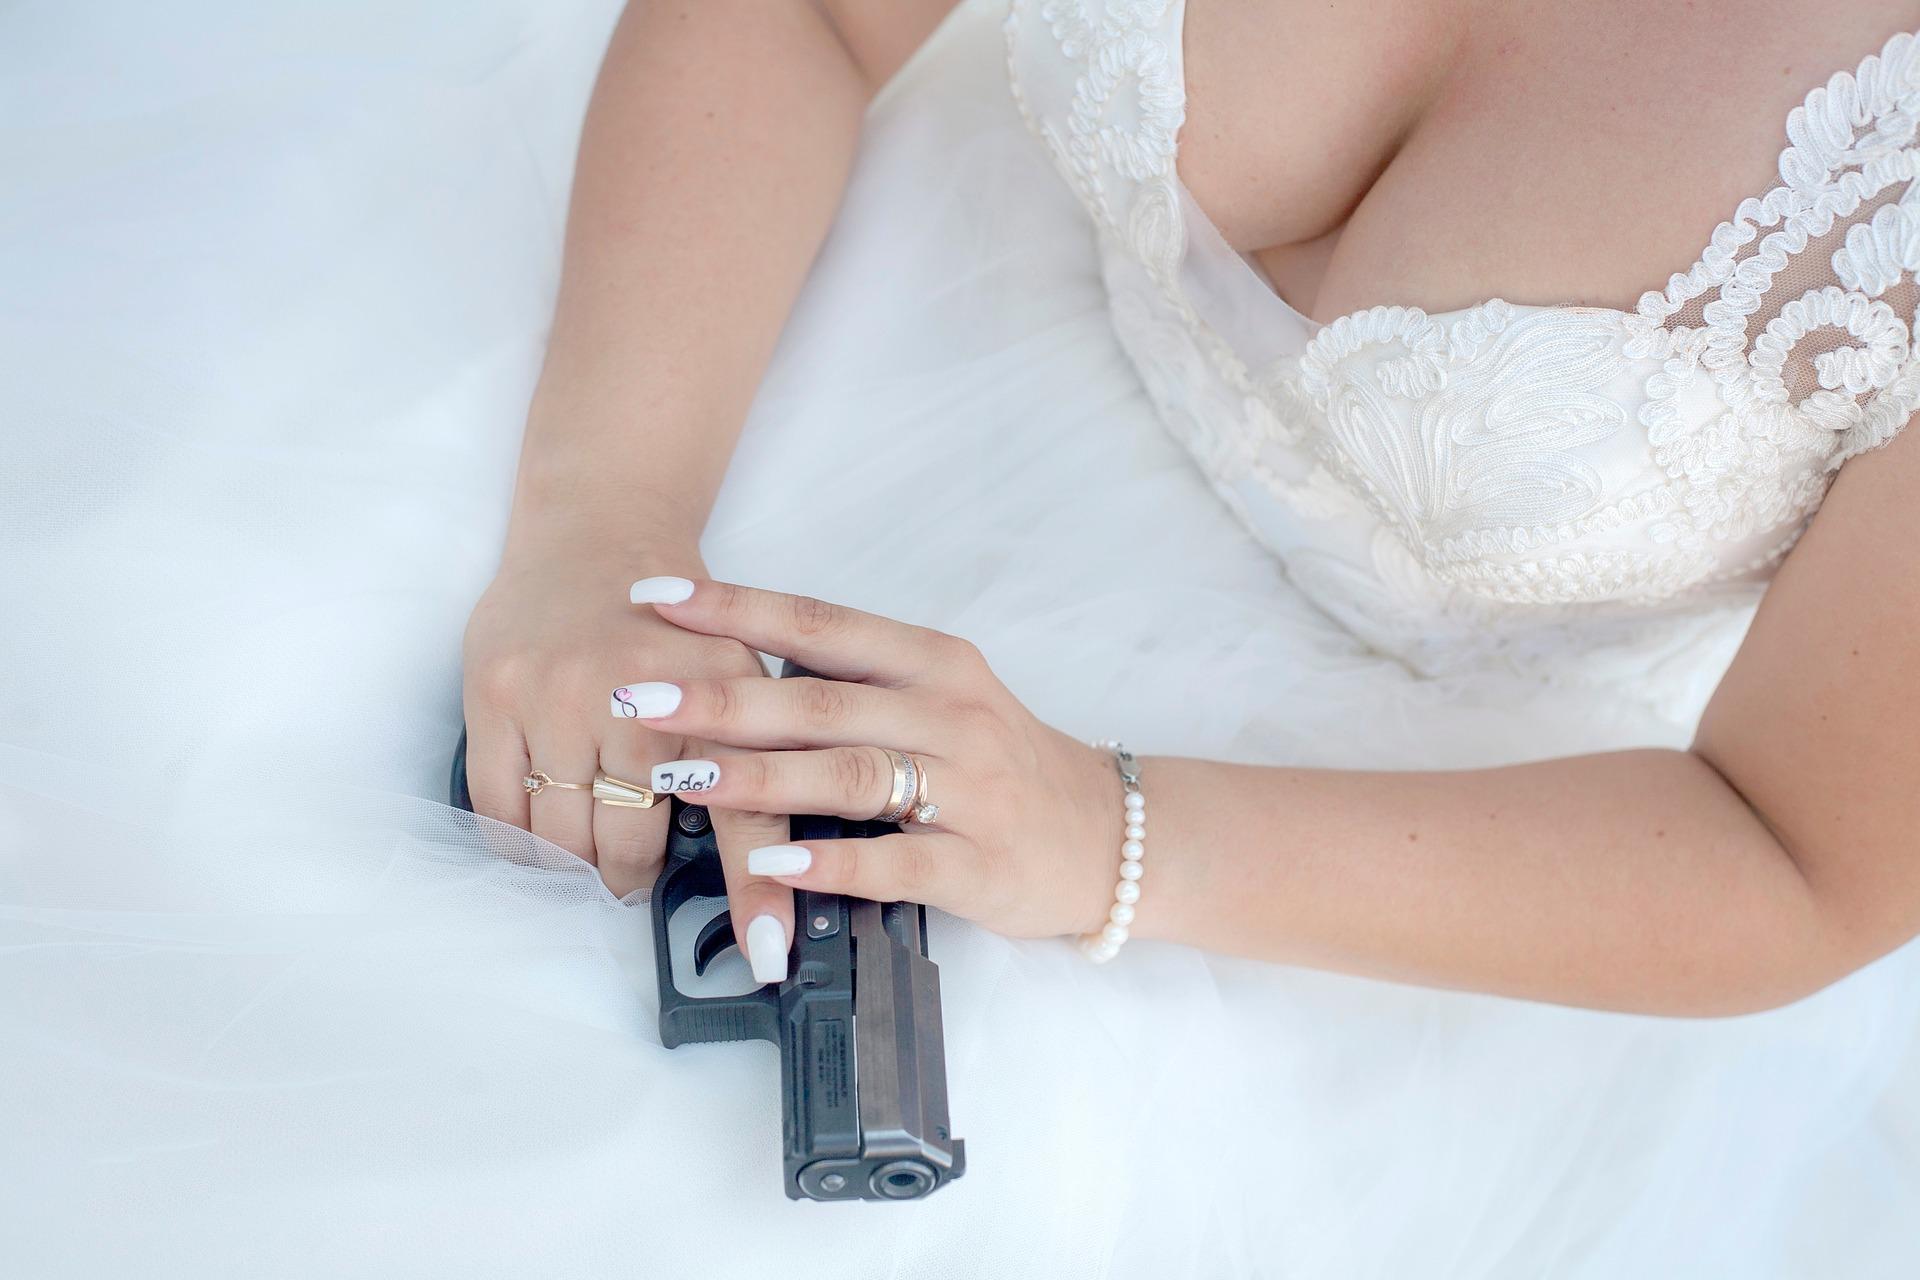 ID Channel: Women just As Controlling & Dangerous As Men